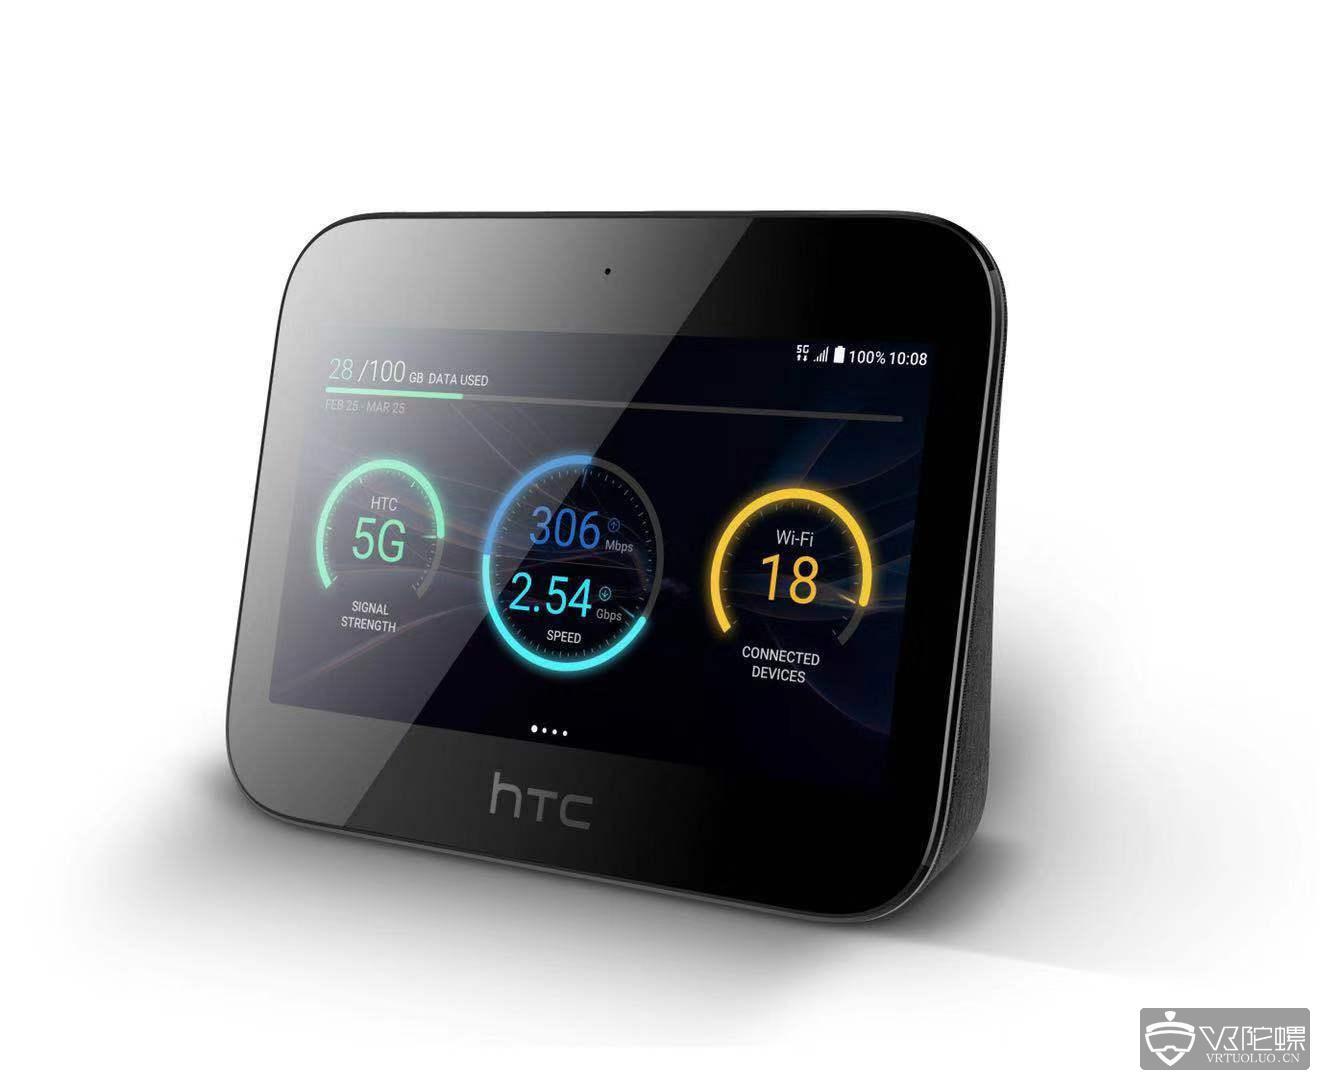 【MWC2019】HTC 展示创新 5G 移动智能网络中心HTC 5G Hub,将支持Vive Focus联动